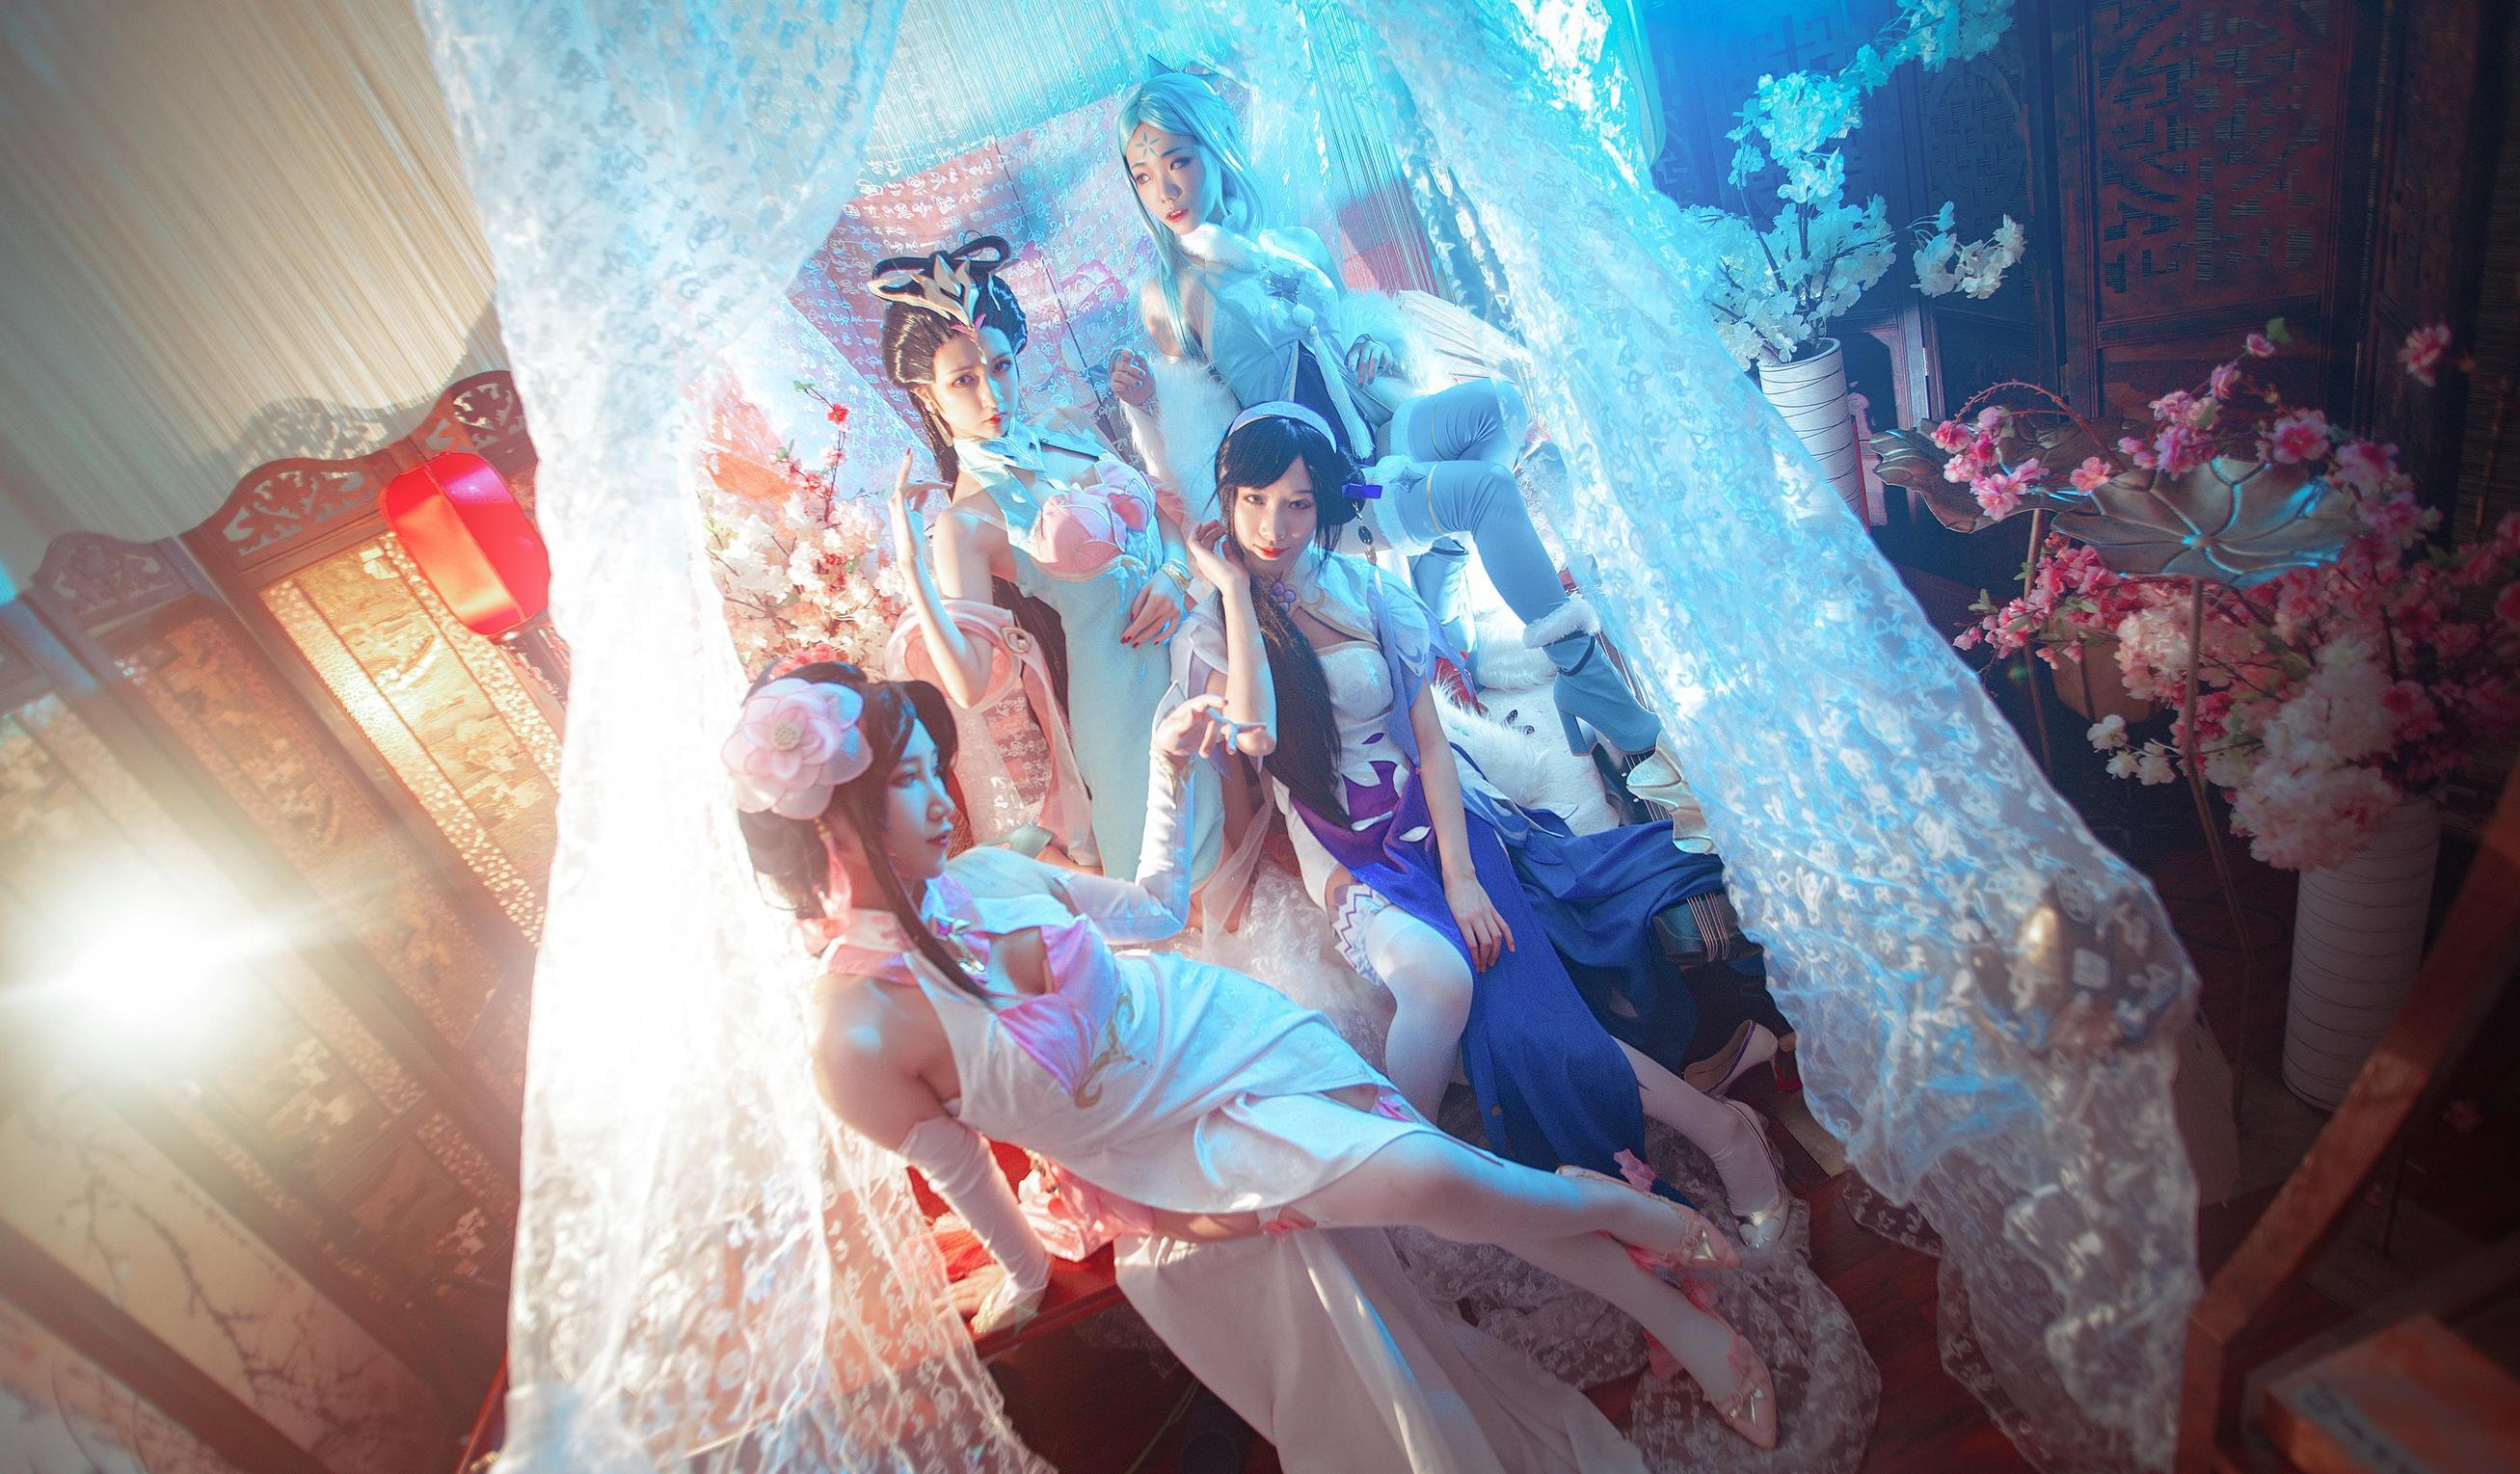 《王者荣耀》旗袍cosplay【CN:阿芷今天光合作用了吗】-第8张